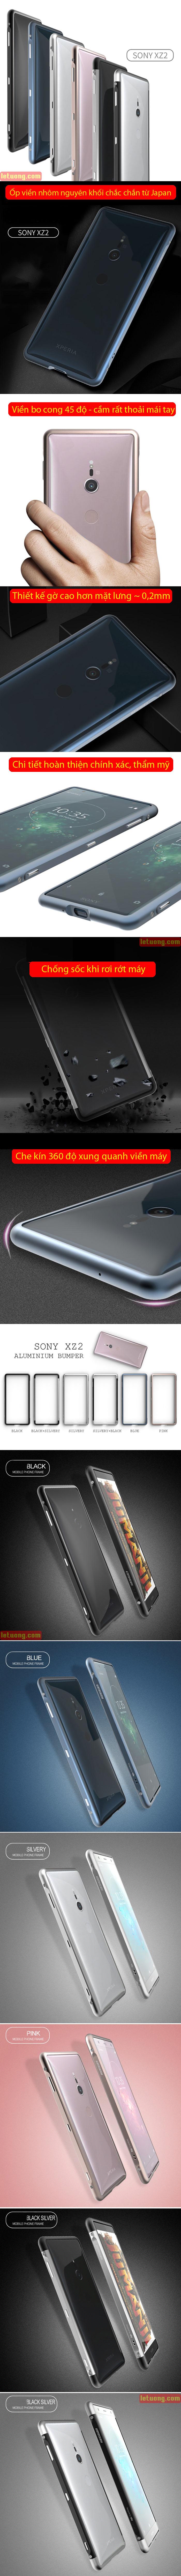 Ốp viền Sony Xperia XZ2 Sword Metal nhôm 6063 nguyên khối từ Japan 4